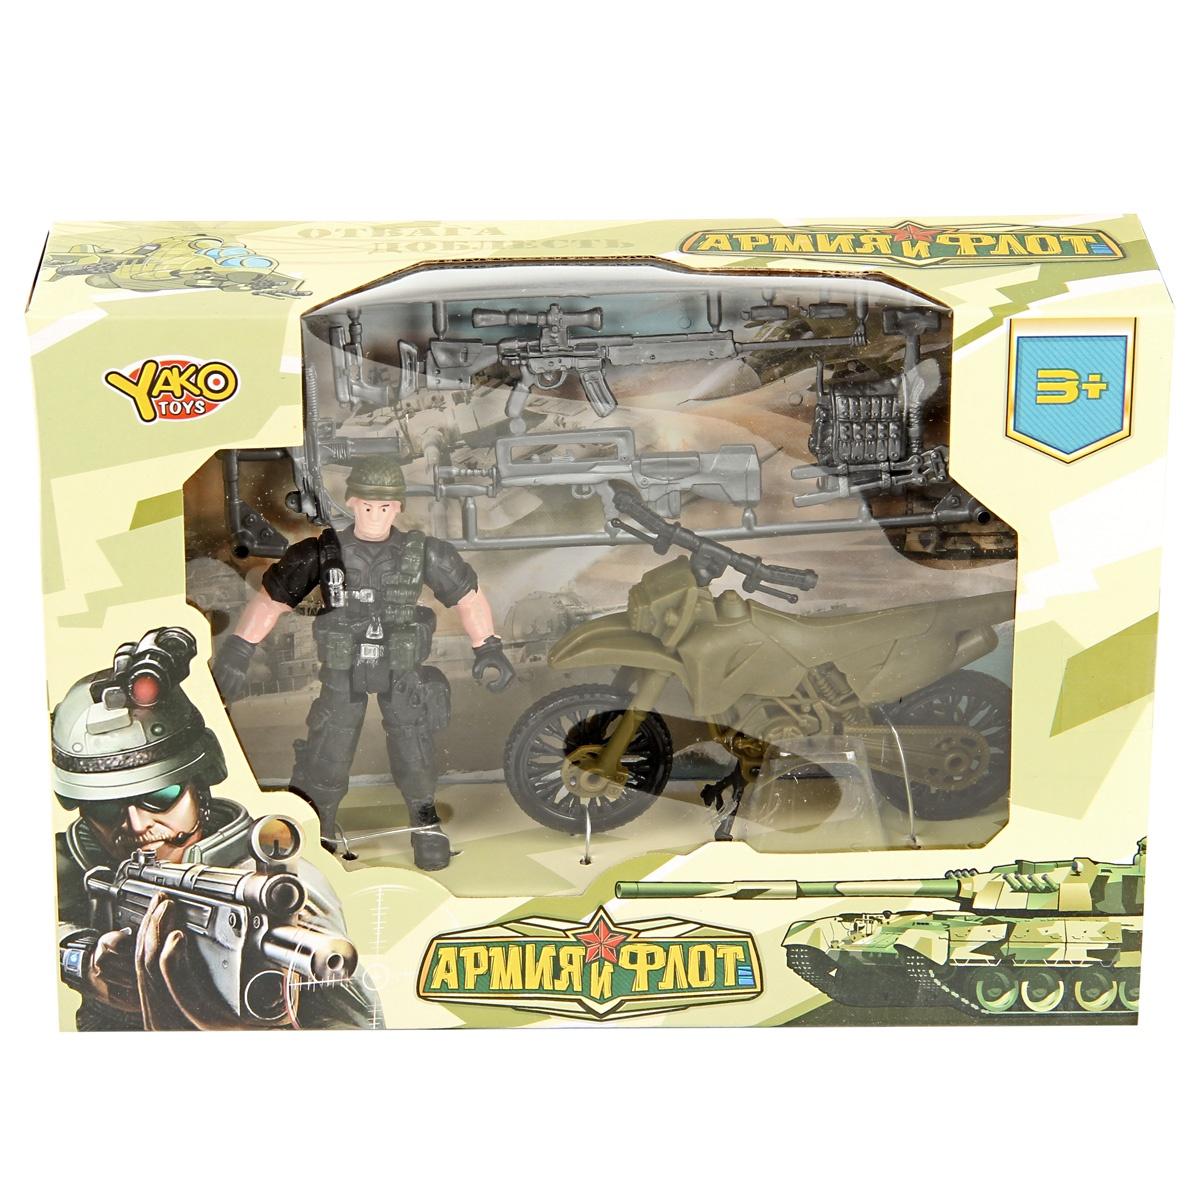 Сюжетно-ролевые игрушки Veld Co 61265 цена